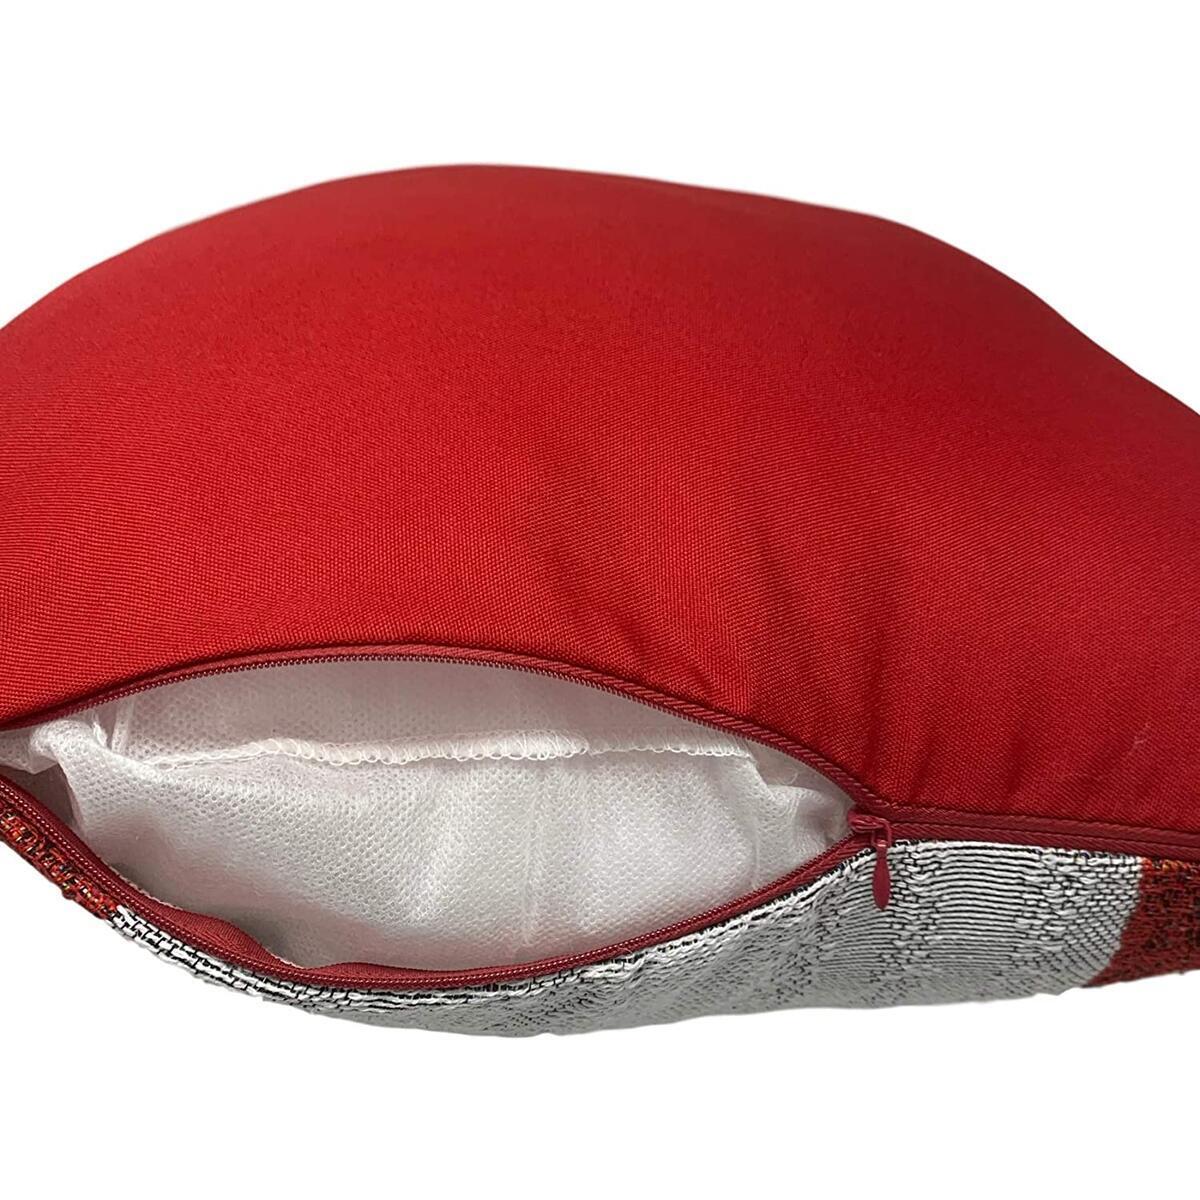 Christmas Pillows | Christmas Throw Pillow Covers | Santa Snowman Christmas Pillow Covers 18 x 18 (Set of 2)